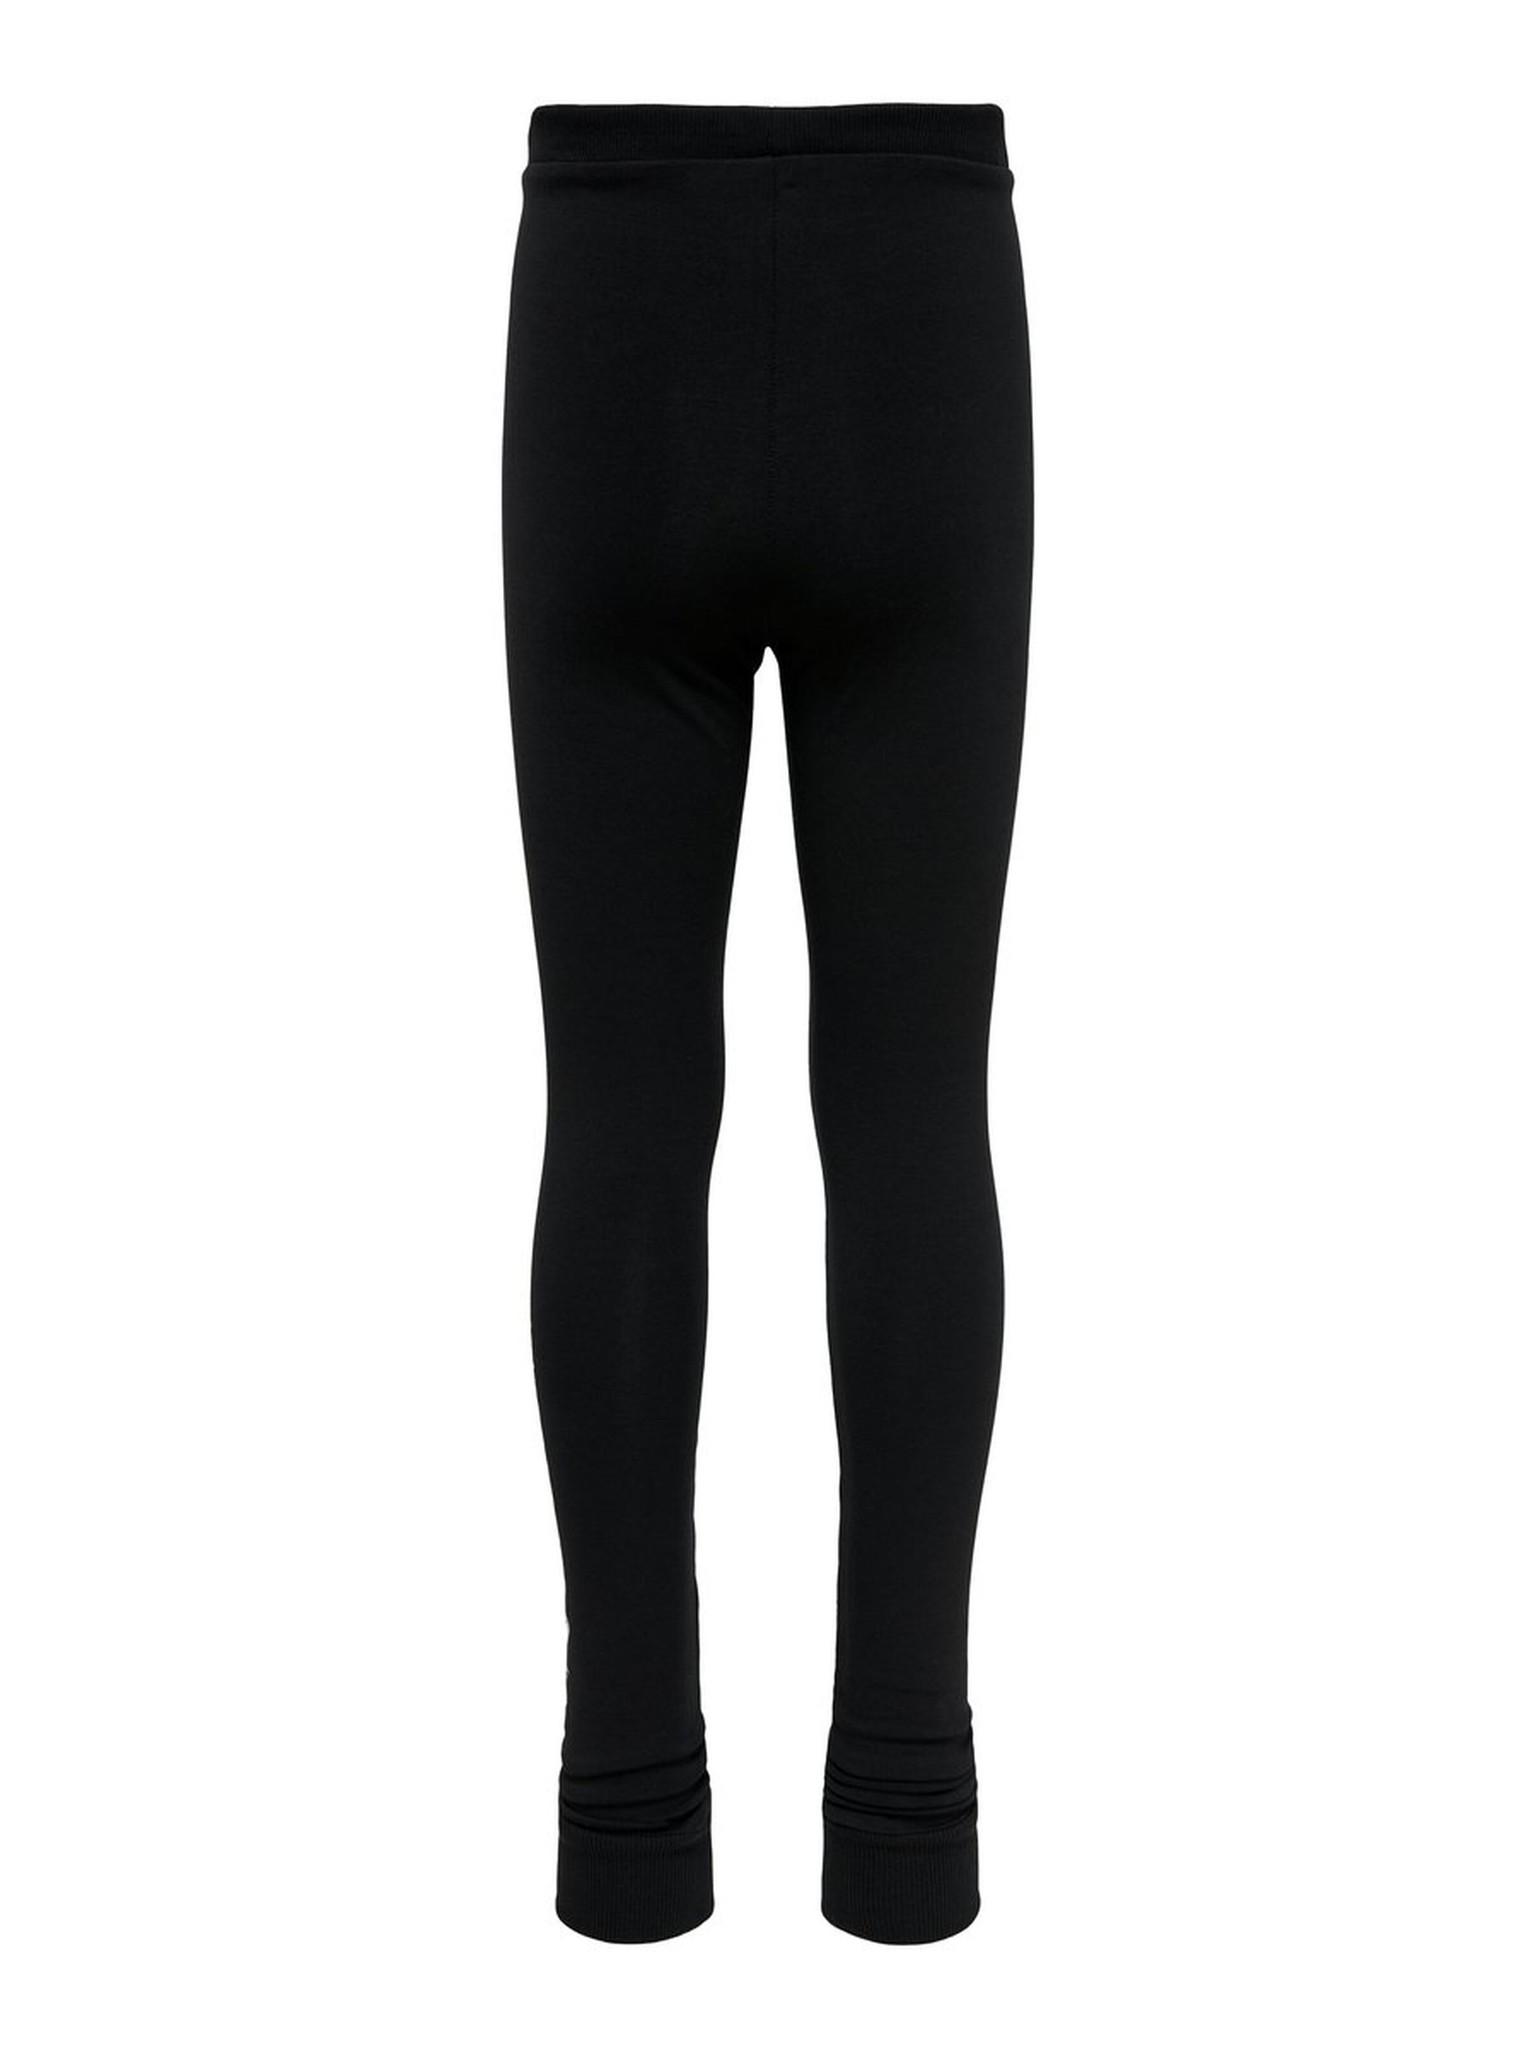 ONLY leggings basique-3